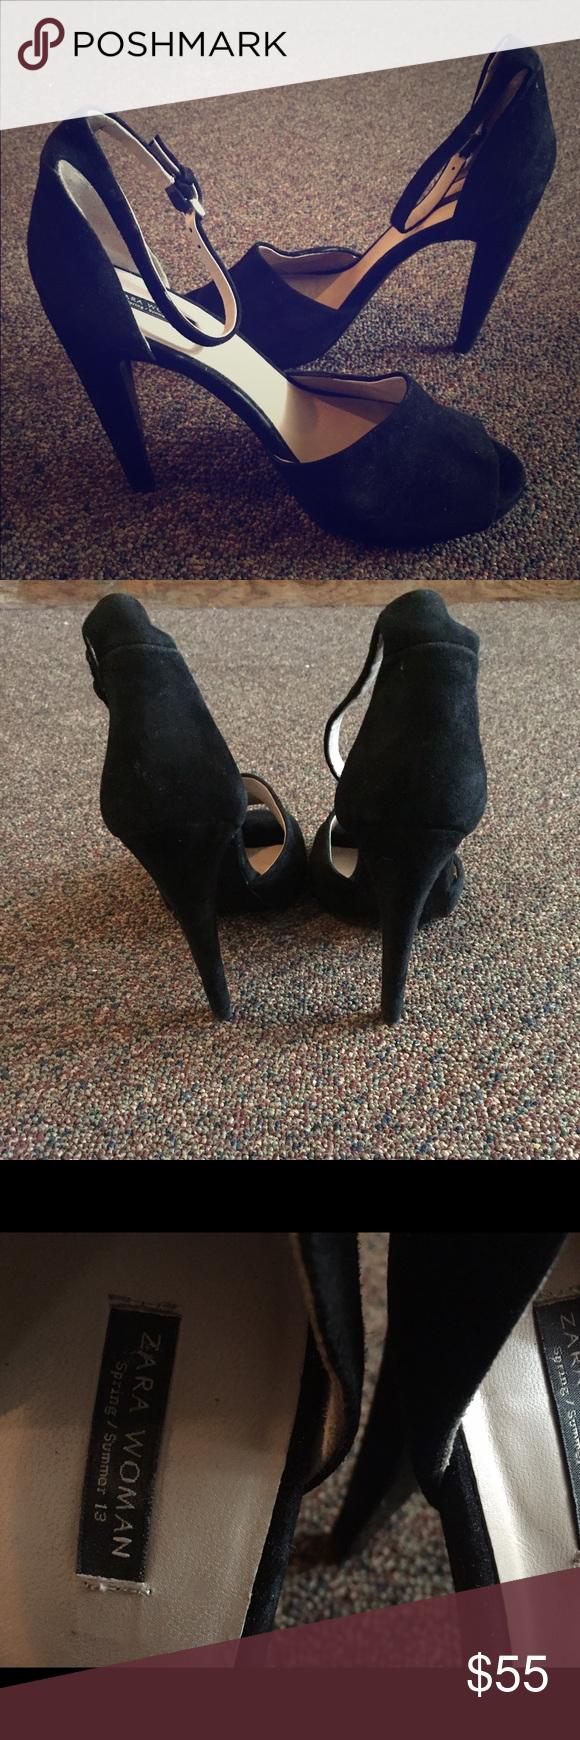 ZARA Black suede peep toe heel Black suede peep toe heel with ankle strap buckle Zara Shoes Heels